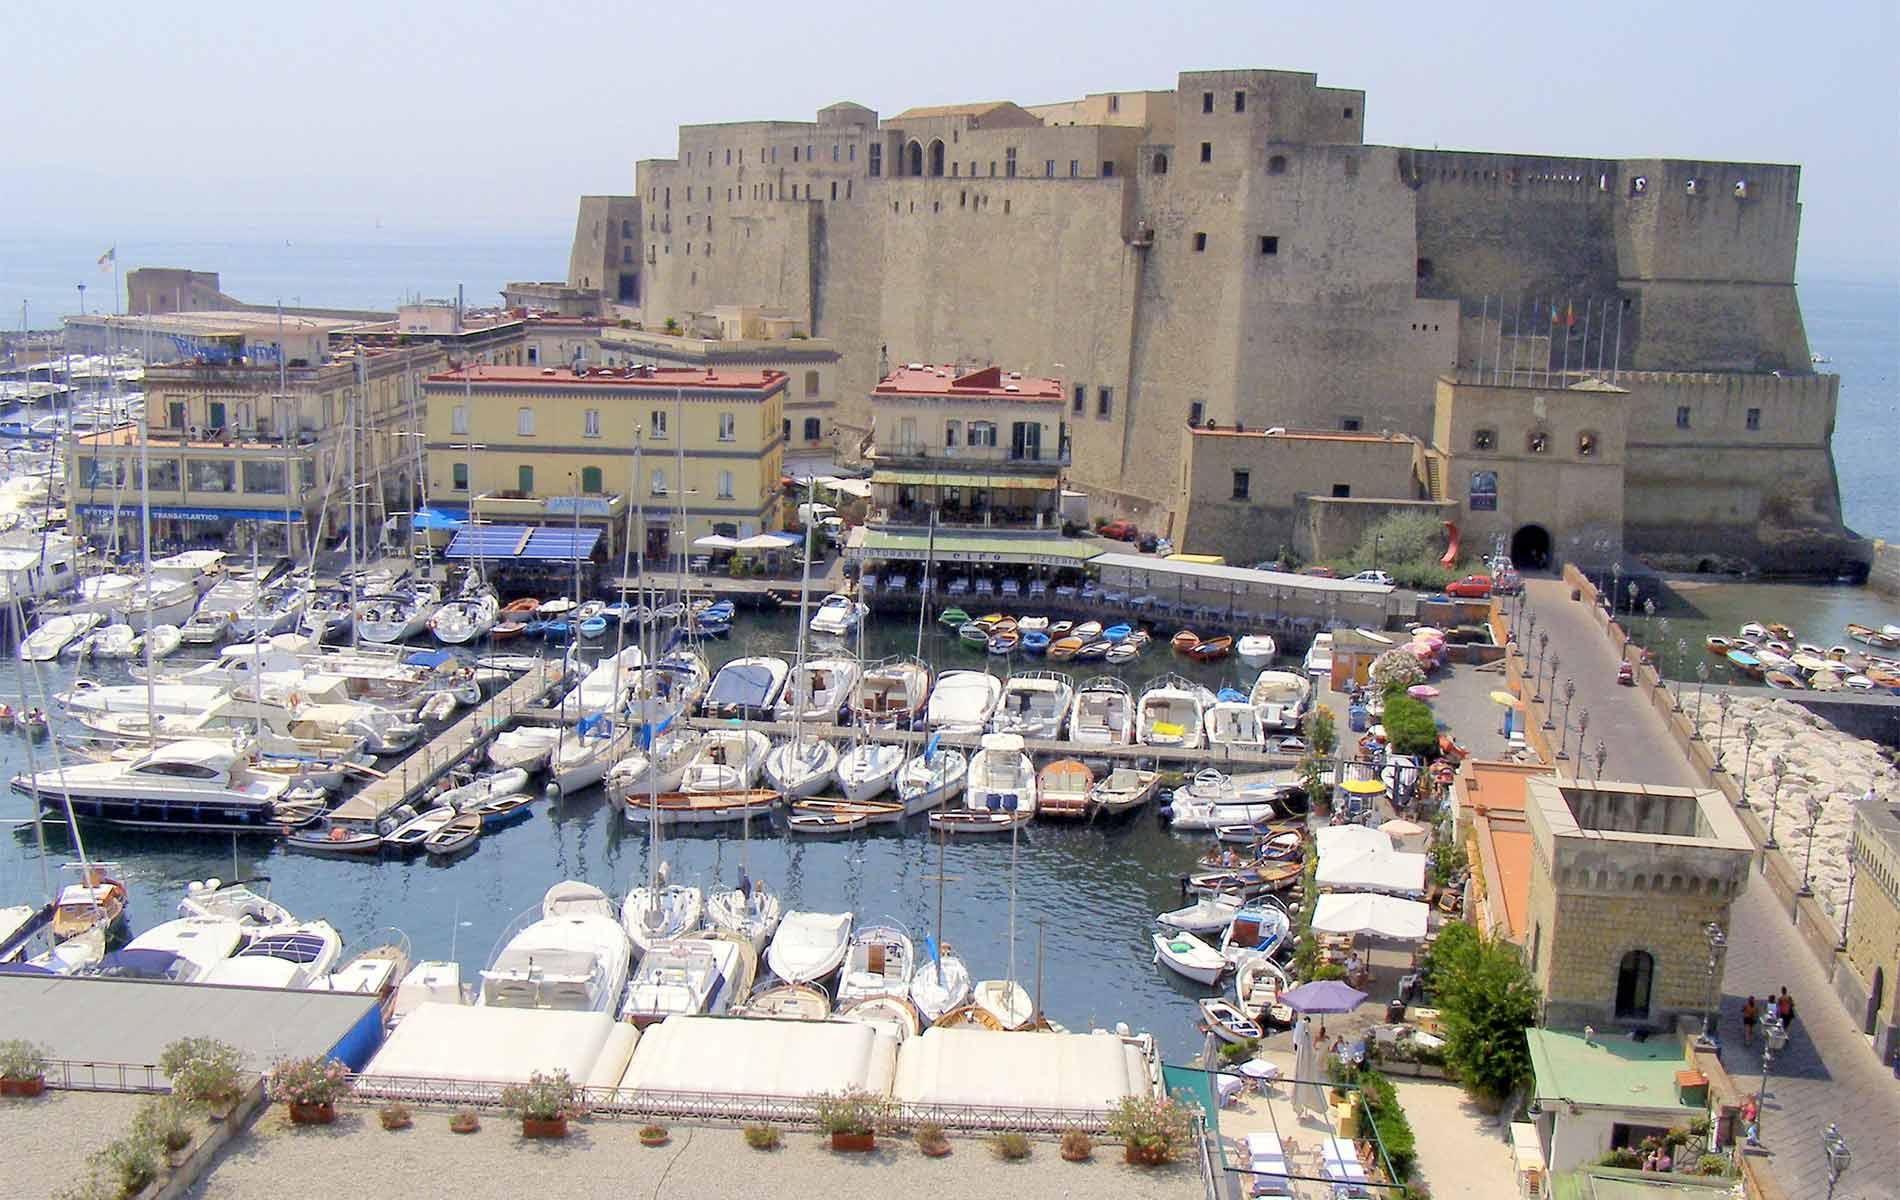 Porti crociere Napoli